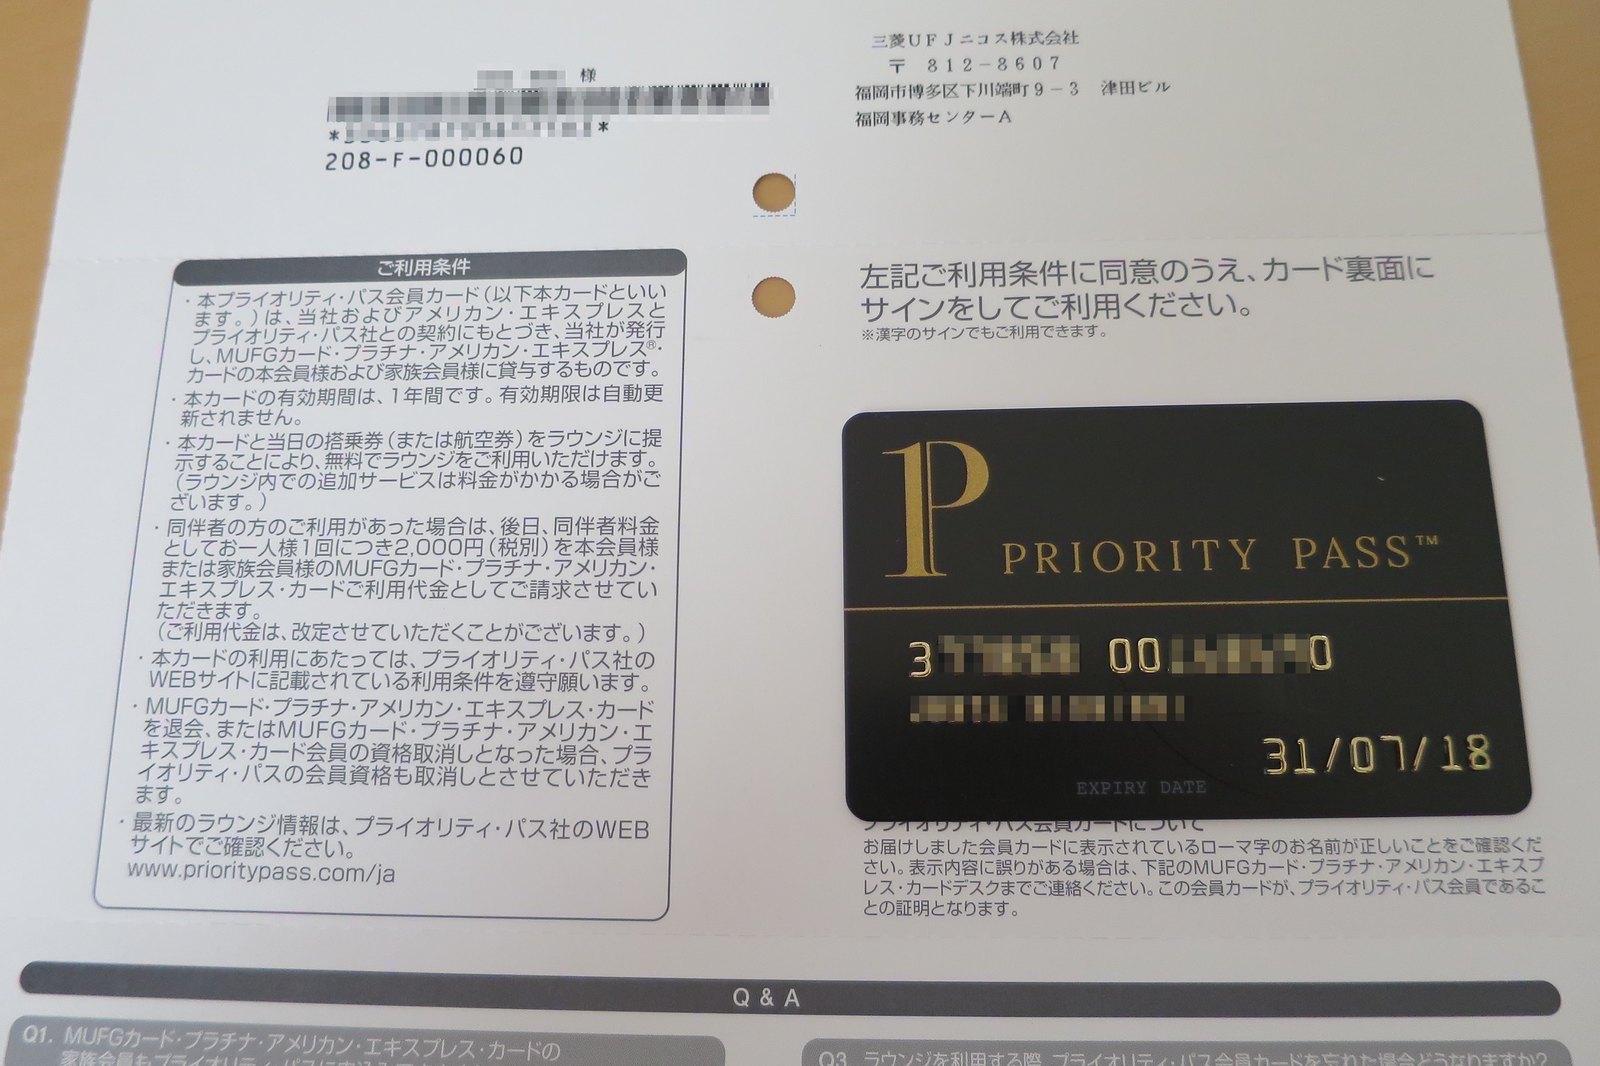 MUFG PP-02